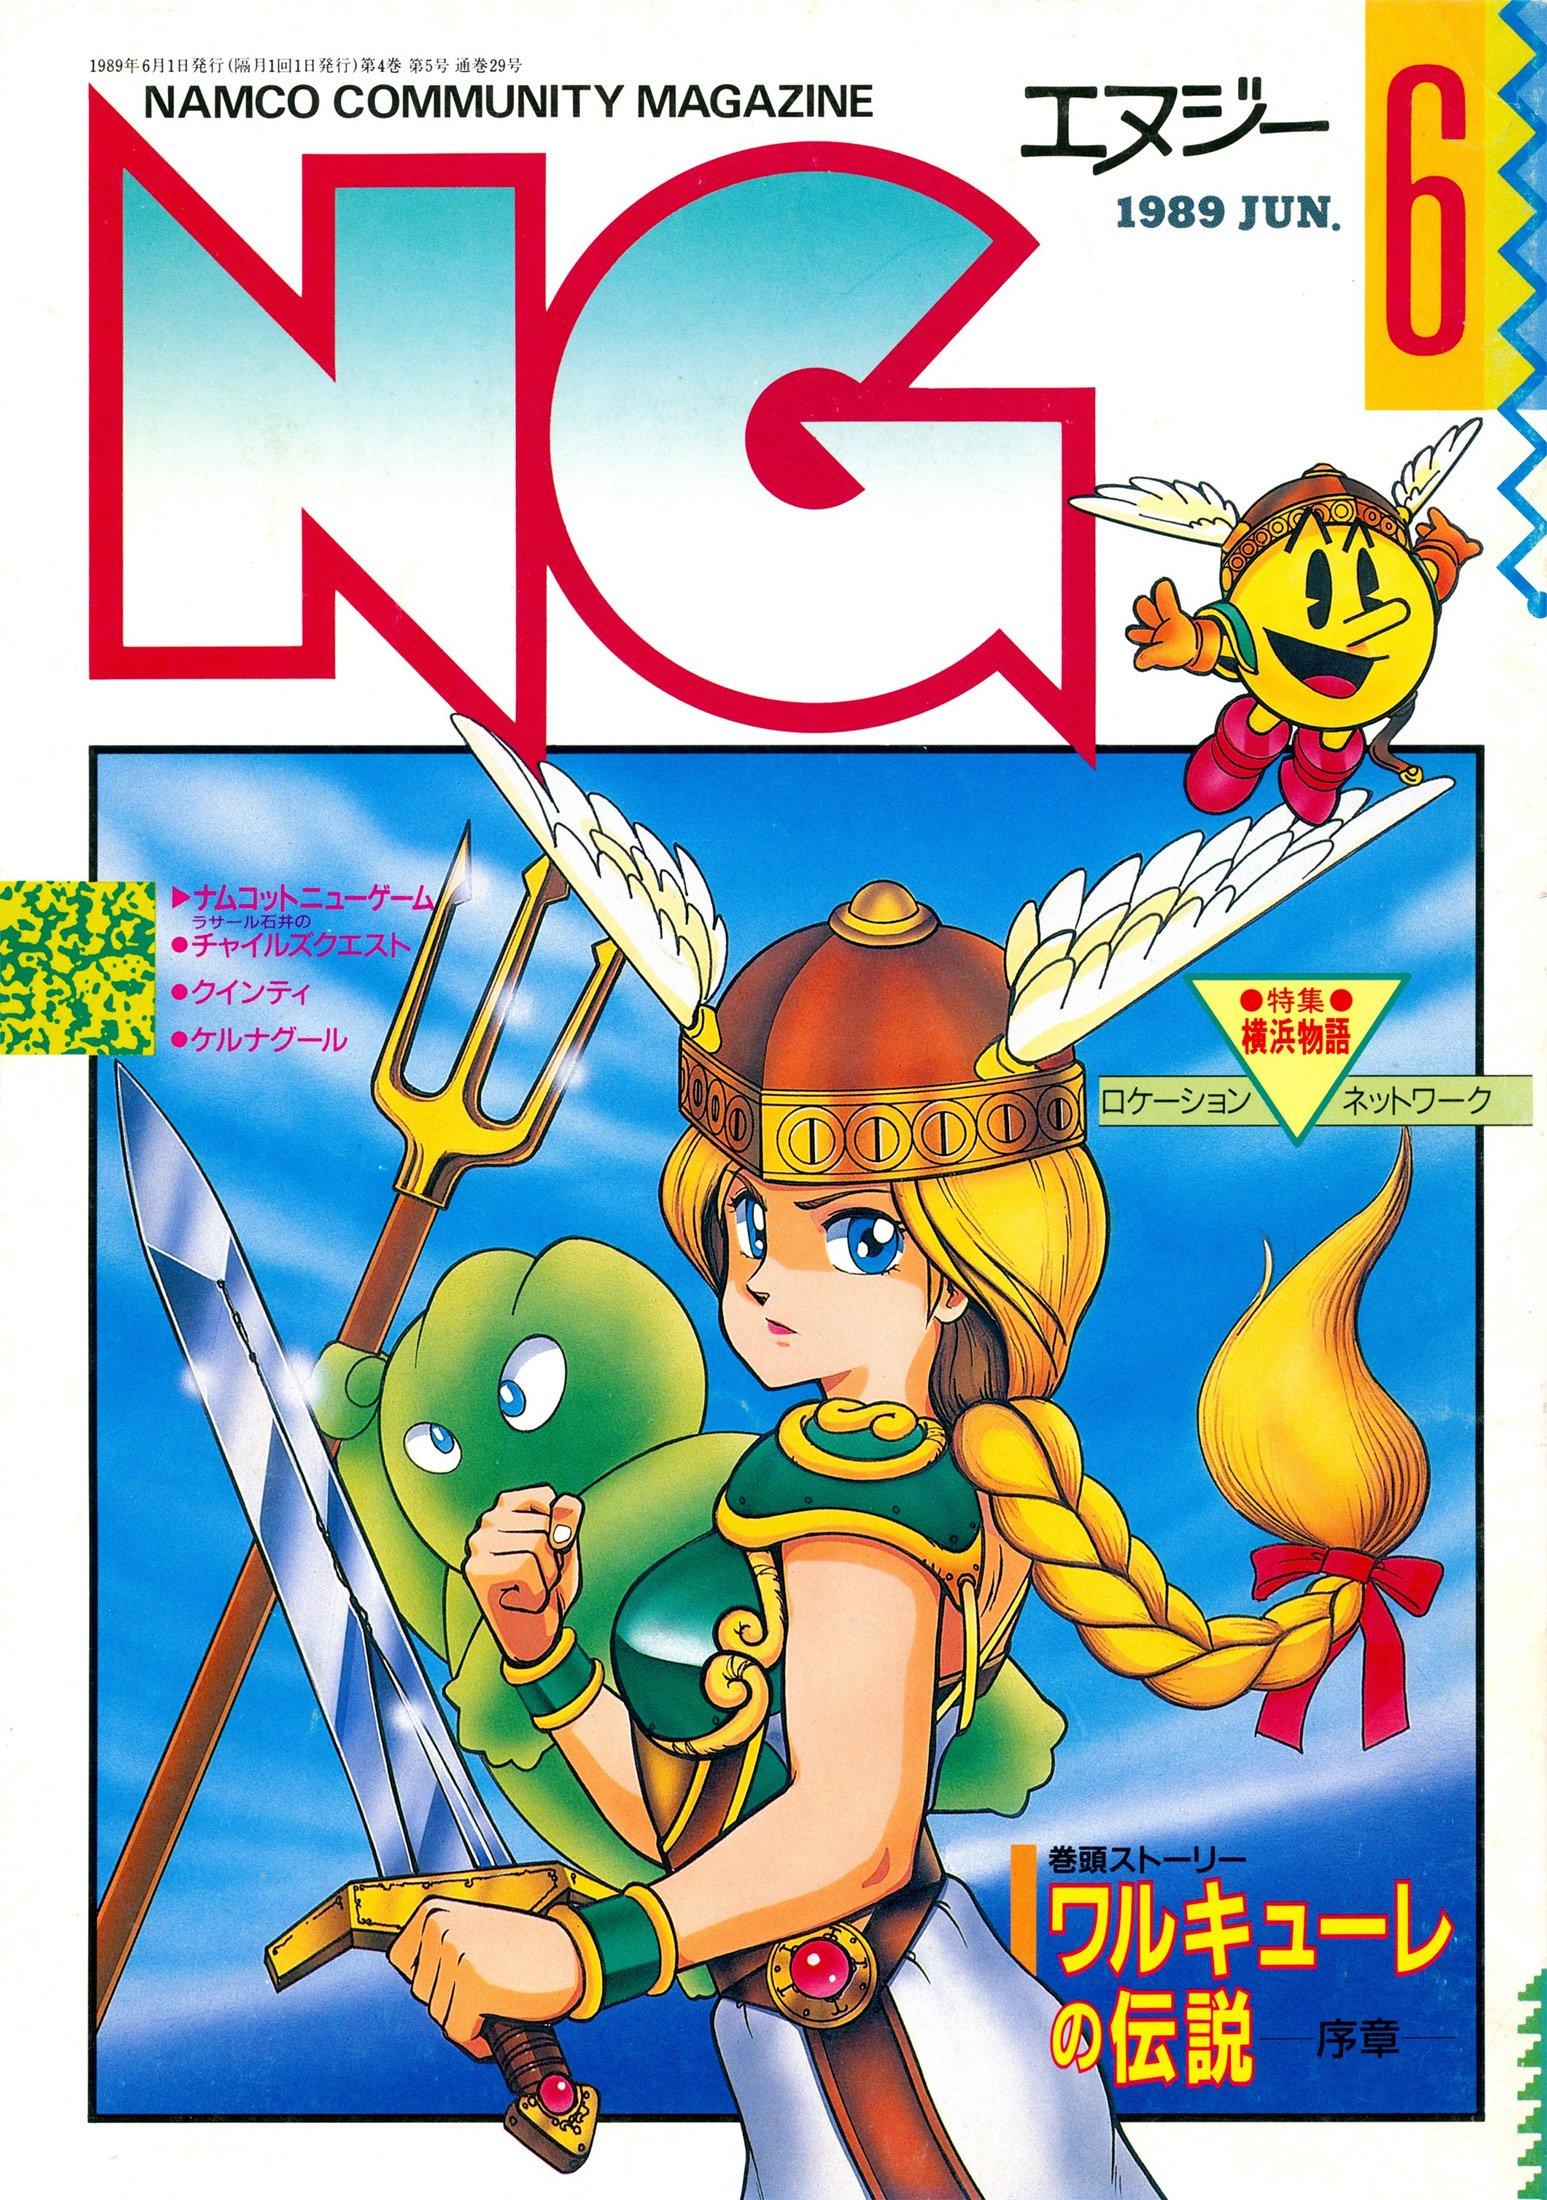 NG Namco Community Magazine Issue 29 (June 1989)